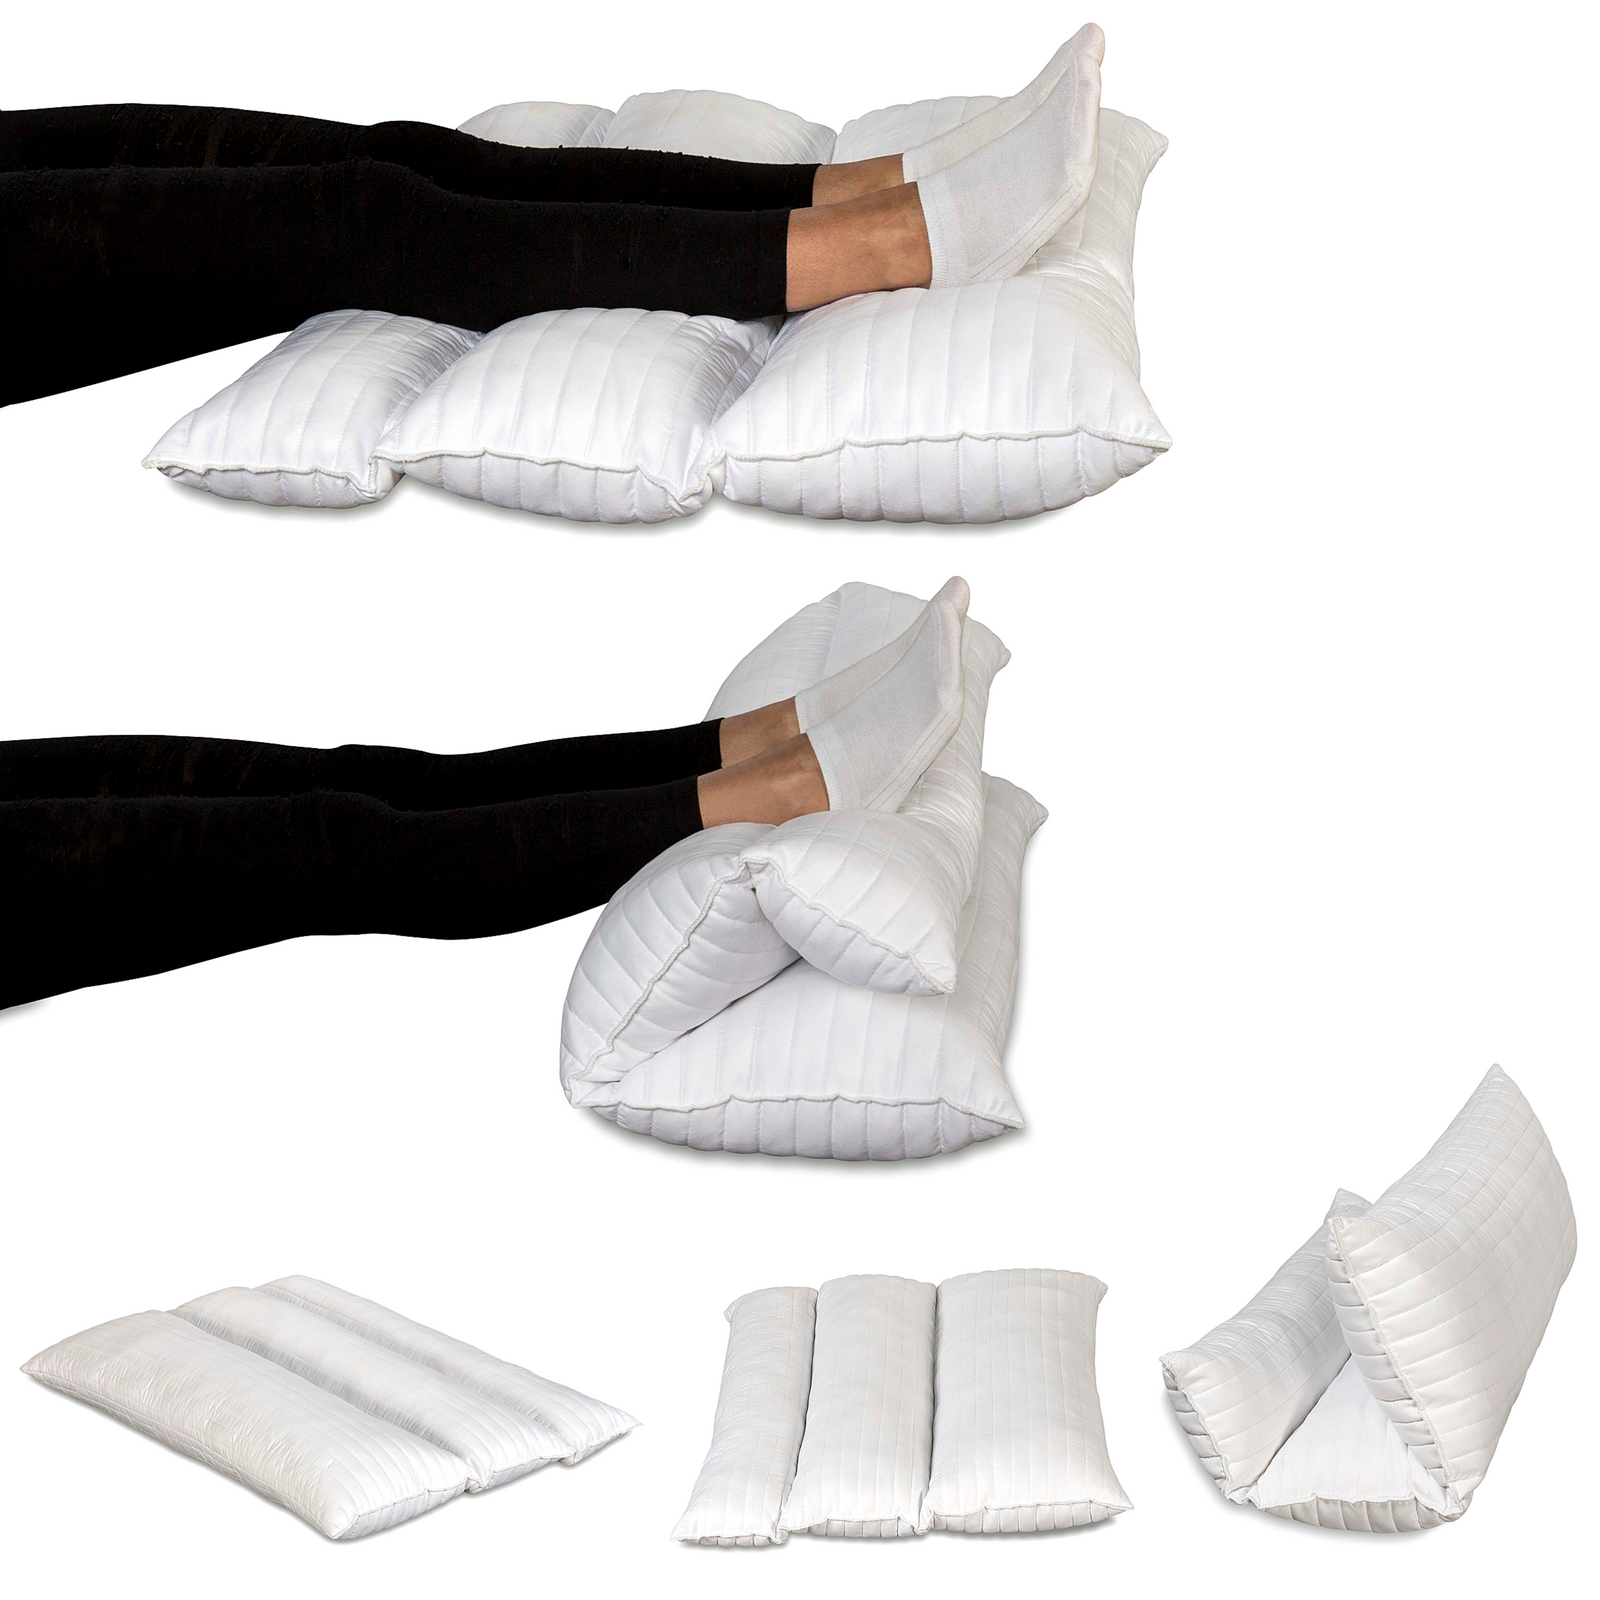 Coussin thérapeutique pliable pour jambes, pour utilisation dans lit, apaise les douleurs dorsales, à la hanche et aux jambes, améliore la circulation, dimensions plié 72 x 55 cm